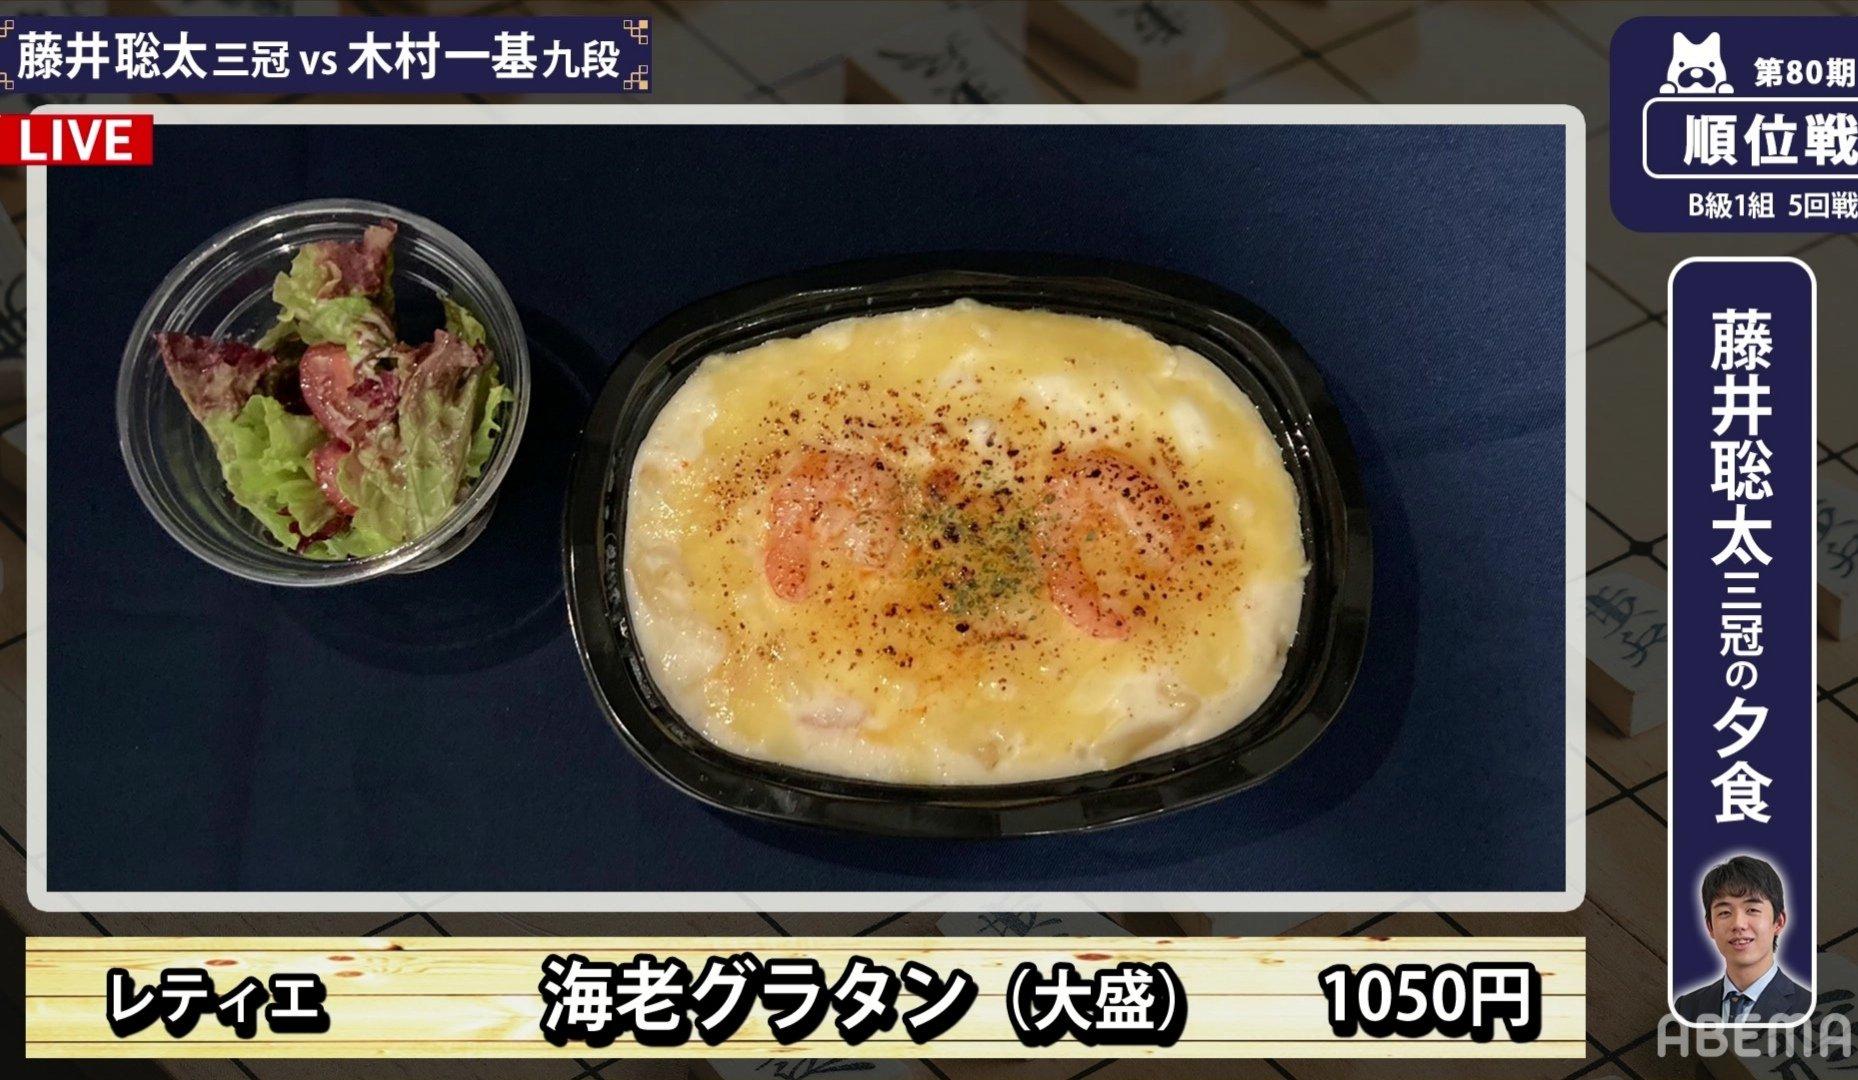 【画像】藤井聡太三冠、夕食で「海老グラタン(大盛)」1050円!